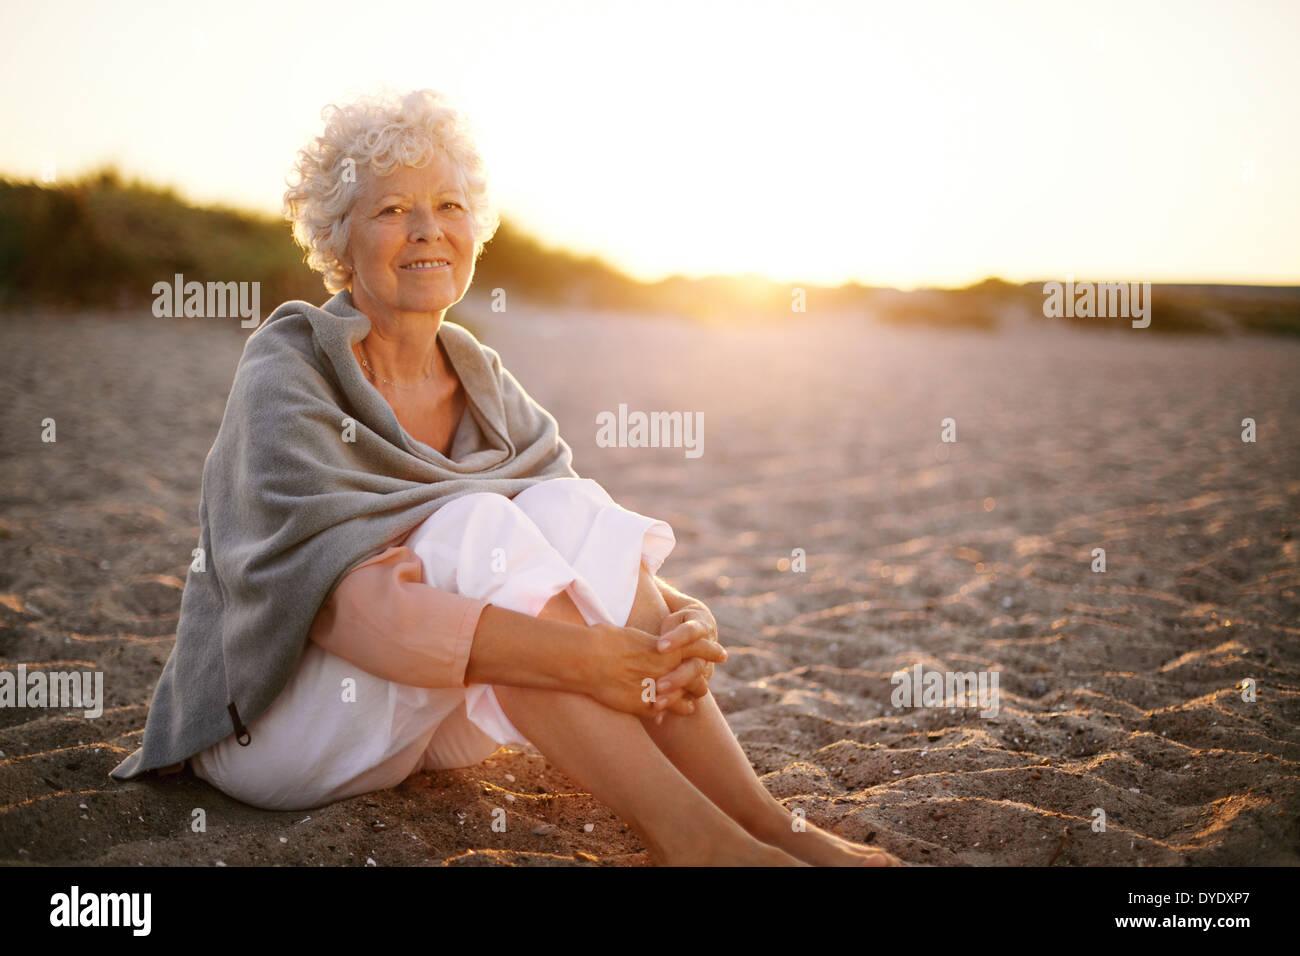 Rilassati in pensione donna che indossa scialle seduto sulla spiaggia sabbiosa. Vecchia donna caucasica seduto sulla spiaggia guardando la fotocamera all'aperto Immagini Stock